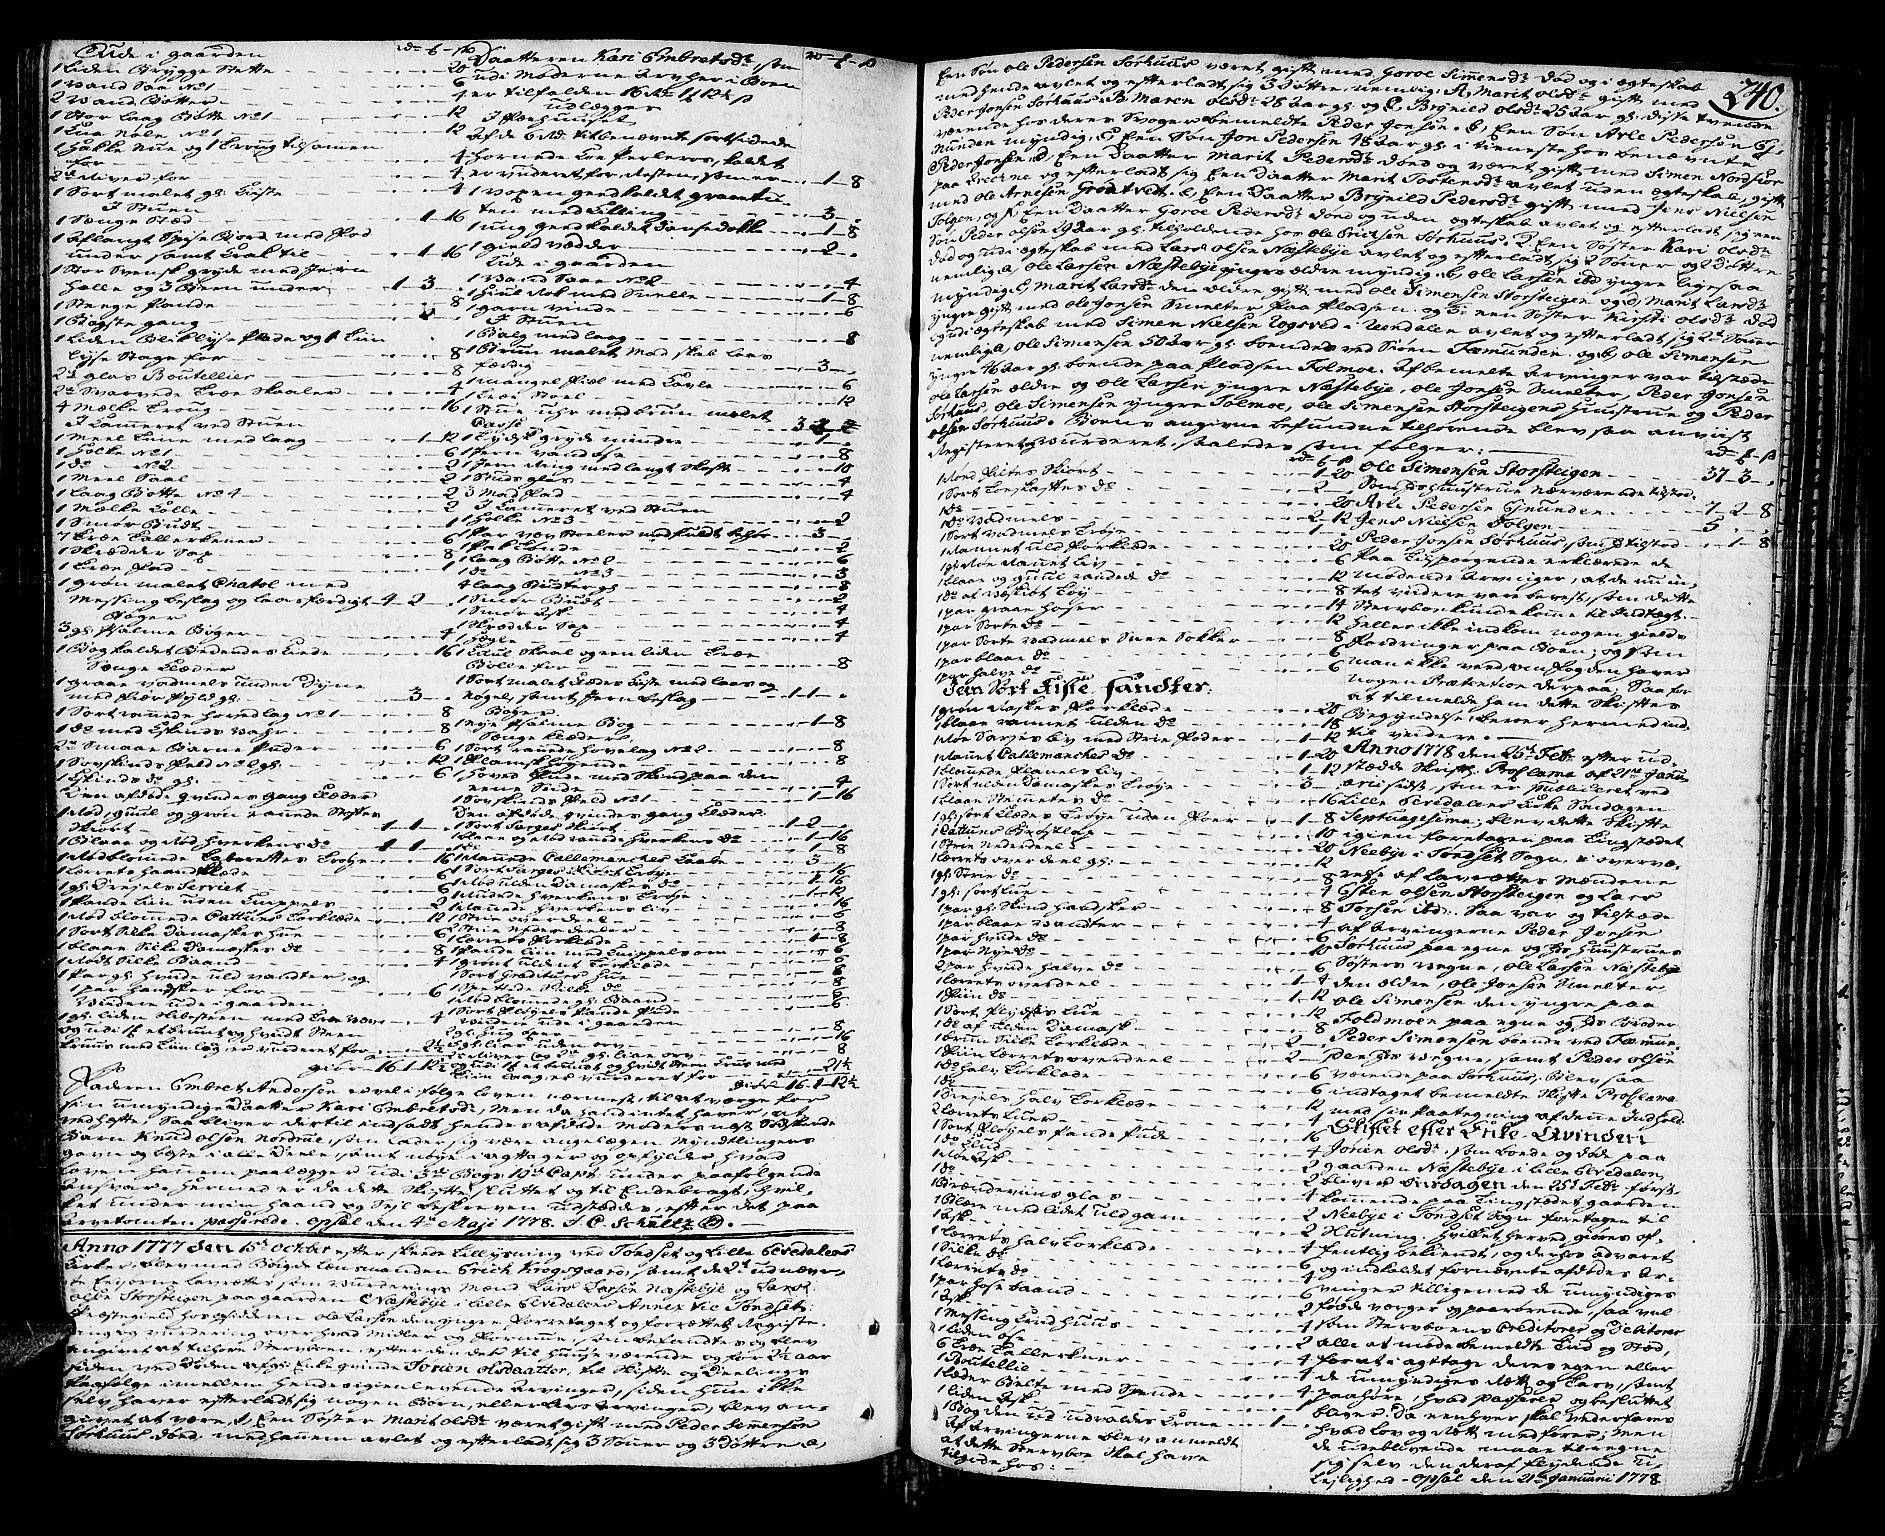 SAH, Østerdalen sorenskriveri, J/Ja/L0003: Skifteprotokoll, 1776-1781, s. 239b-240a